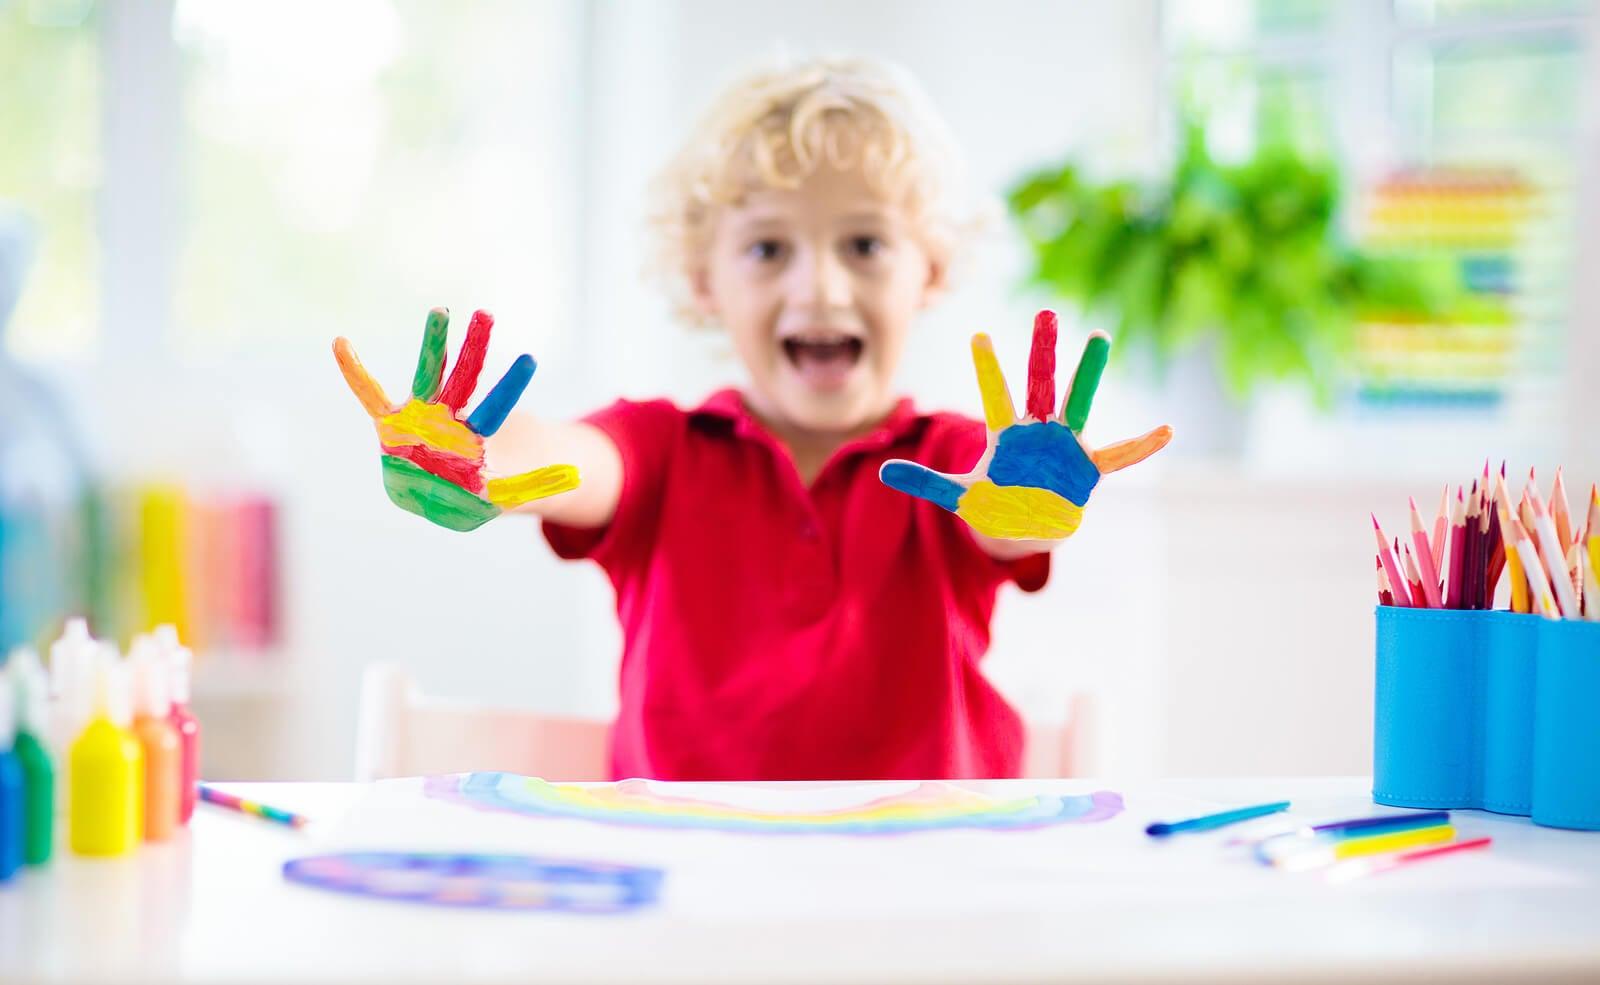 Niño jugando a pintar con los dedos.